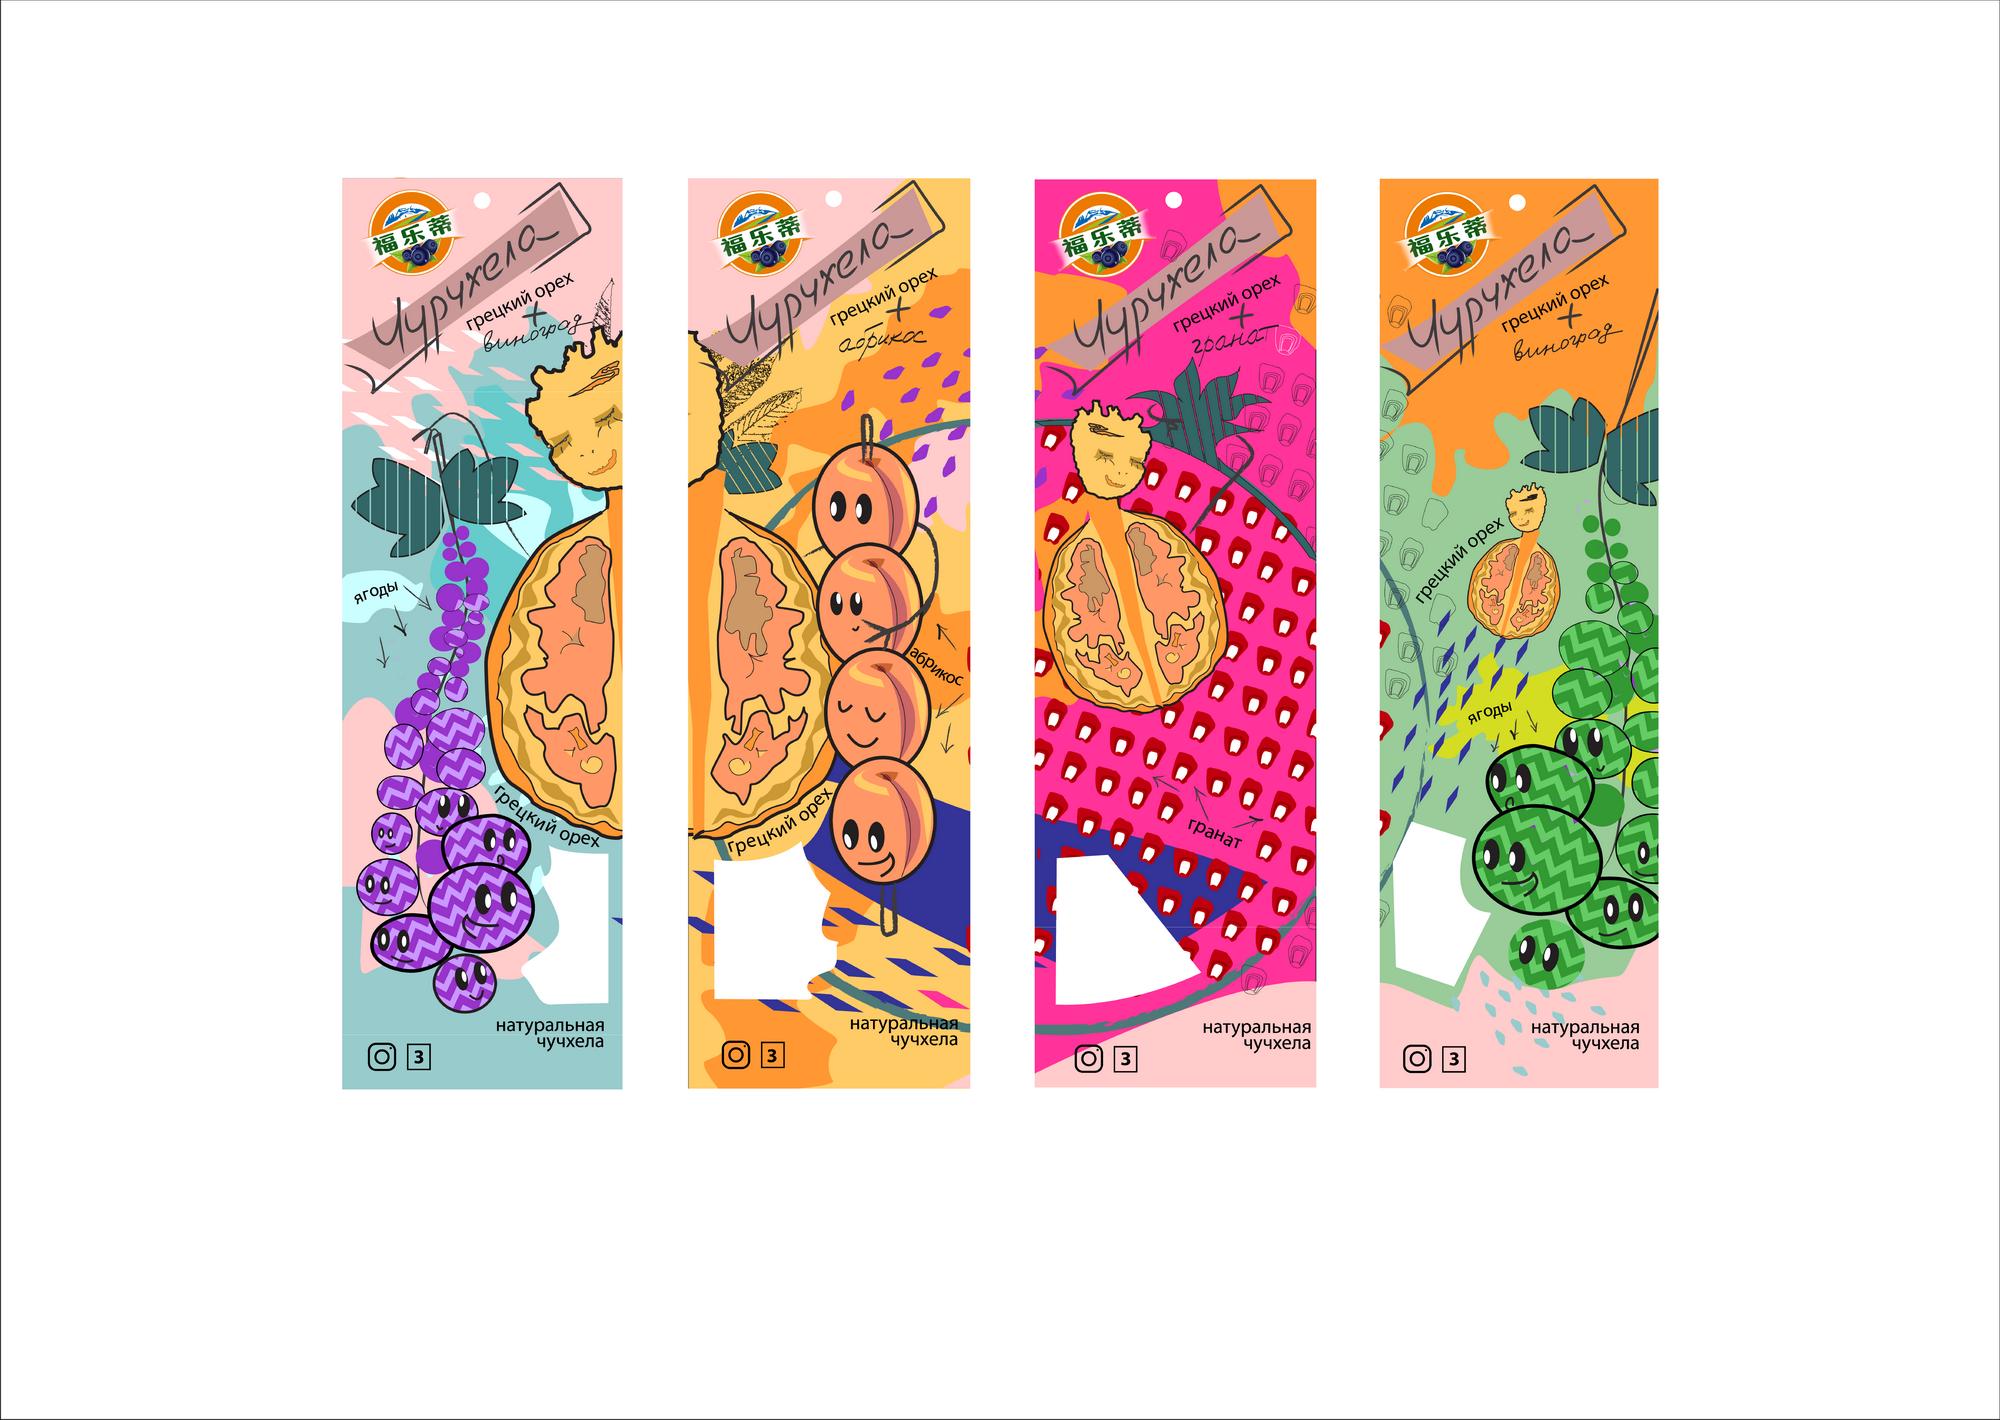 Дизайн упаквоки снеков для рынка Азии (Китай) фото f_0495f0d783583ce9.png